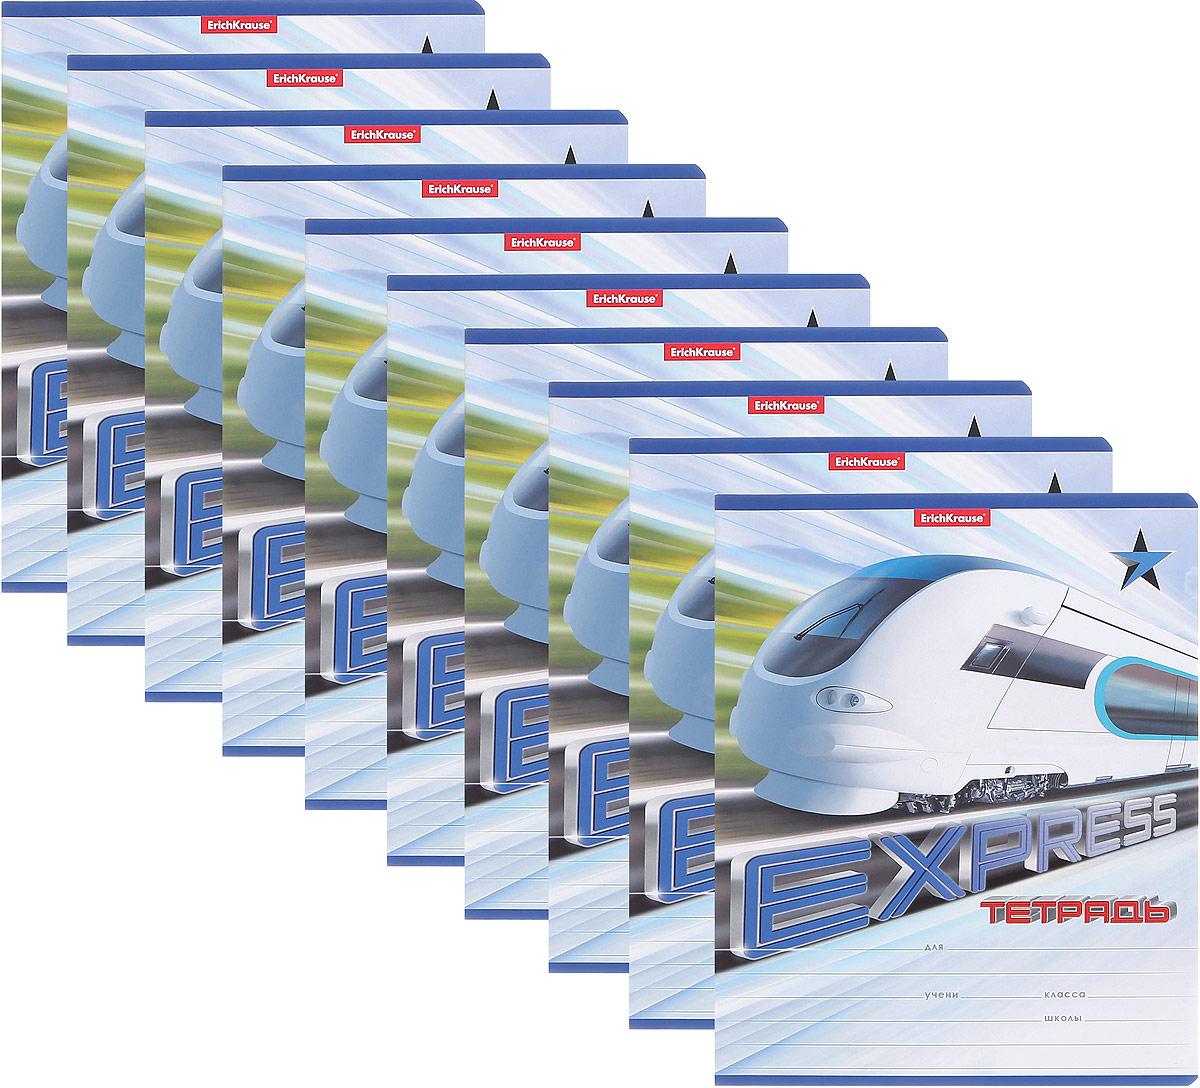 Erich Krause Набор тетрадей Express Train 18 листов в линейку 10 шт цвет голубой72523WDТетрадь Erich Krause Express Train предназначена для школьников. Обложка тетради выполнена из тонкого гибкого картона с закругленными углами и оформлена динамичным изображением поезда. На задней стороне обложки представлено написание прописных букв русского и английского алфавитов.Внутренний блок тетрадей состоит из 18 листов белой бумаги, соединенных двумя металлическими скрепками. Стандартная разметка в линейку дополнена полями. В наборе 10 тетрадей.